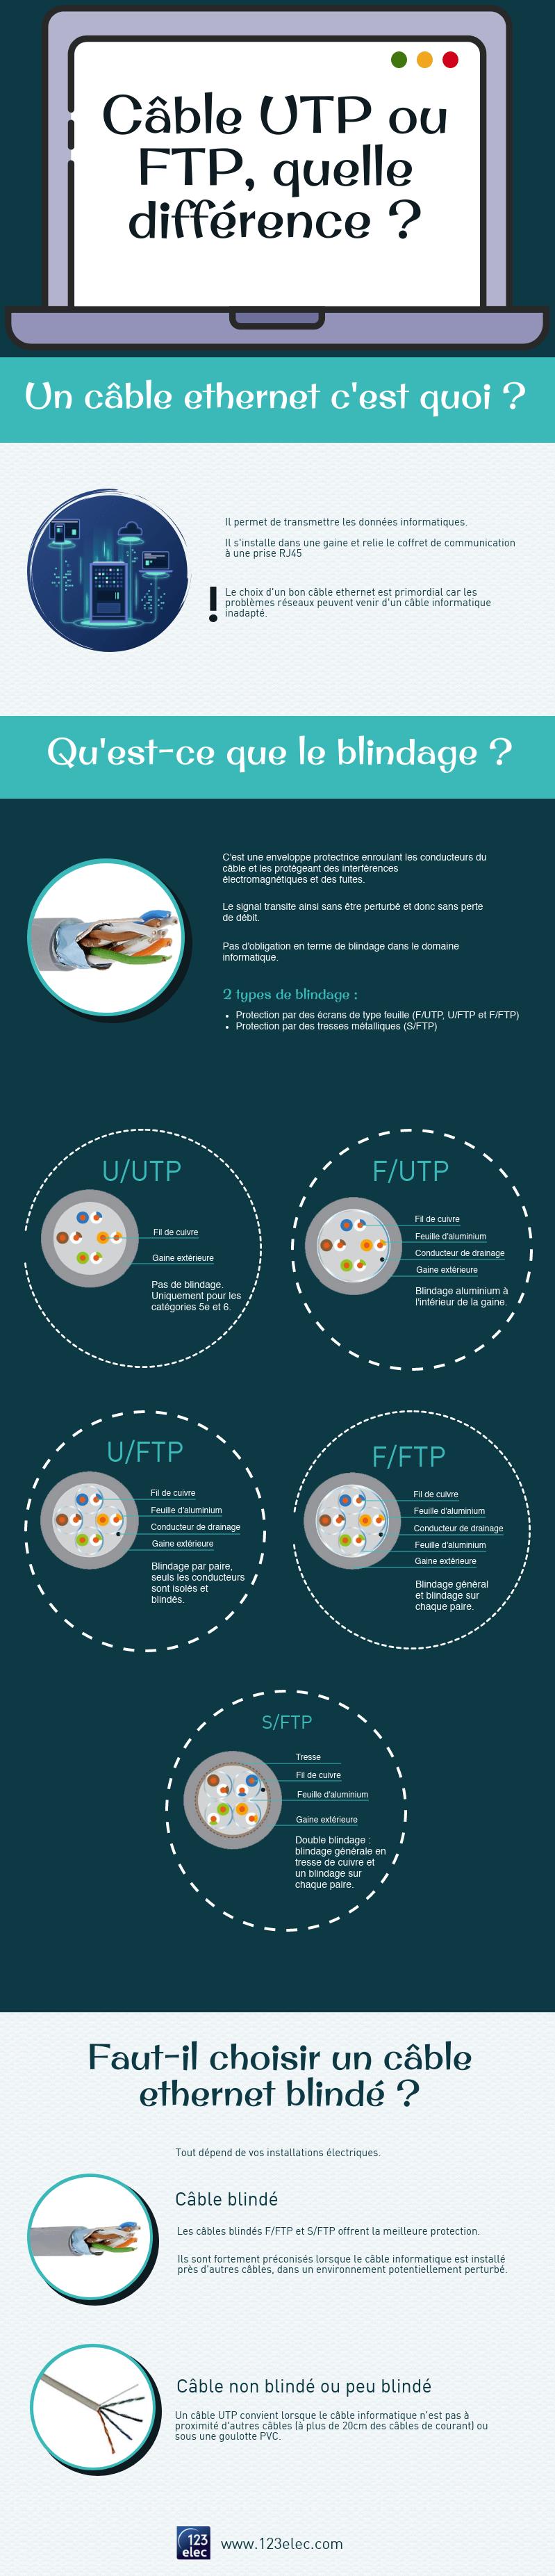 Quelle différence entre un câble UTP et un câble FTP ?